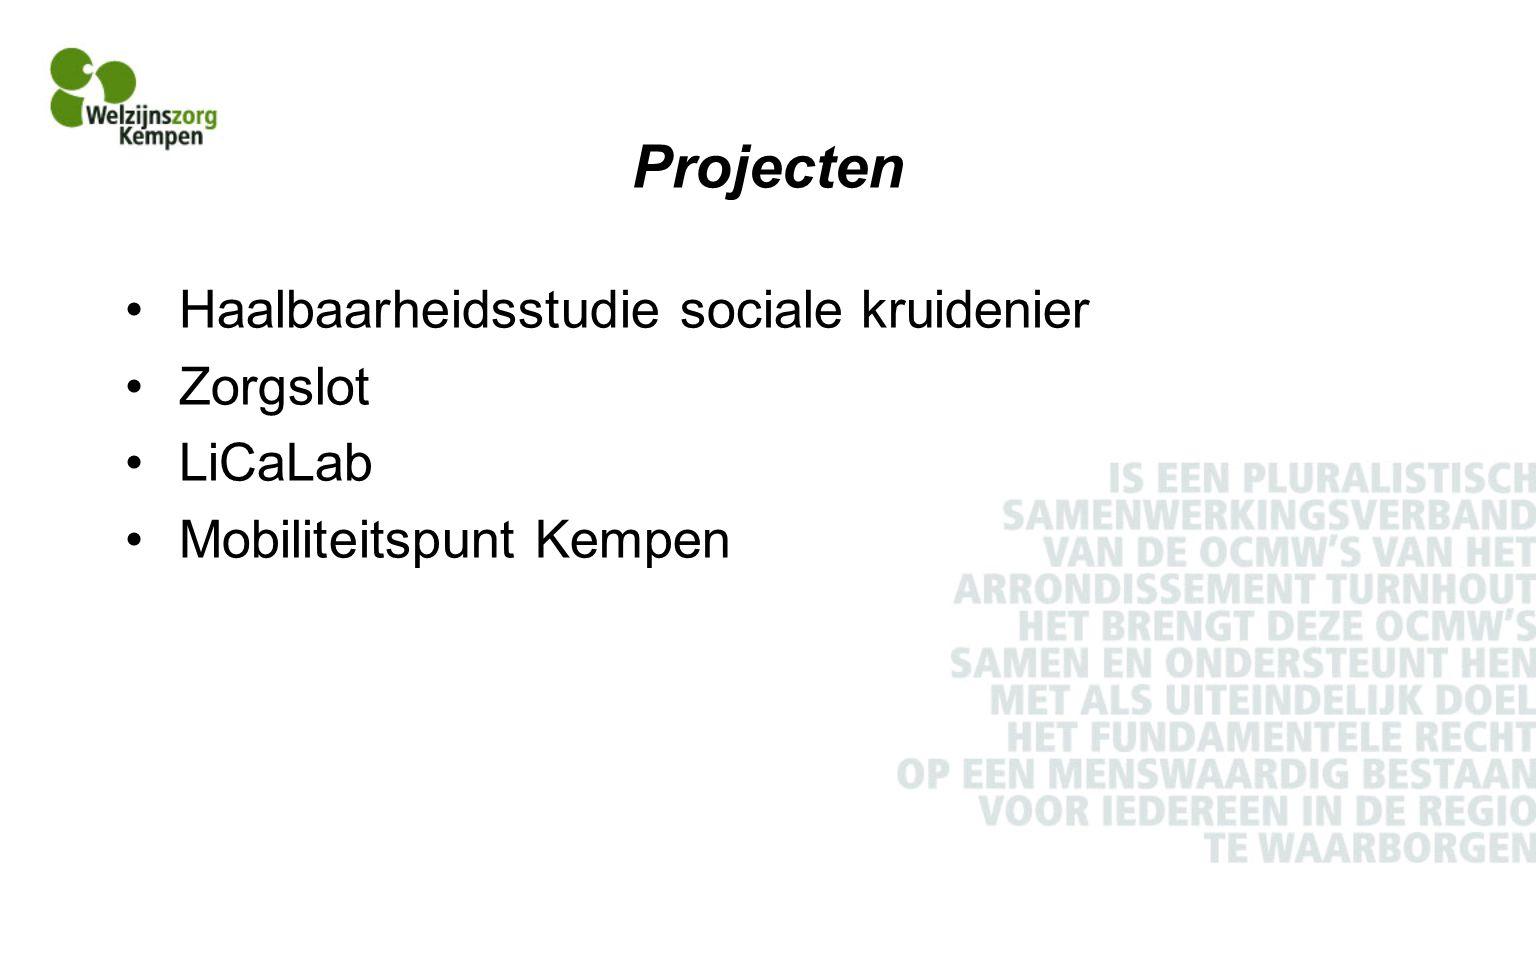 Projecten Haalbaarheidsstudie sociale kruidenier Zorgslot LiCaLab Mobiliteitspunt Kempen